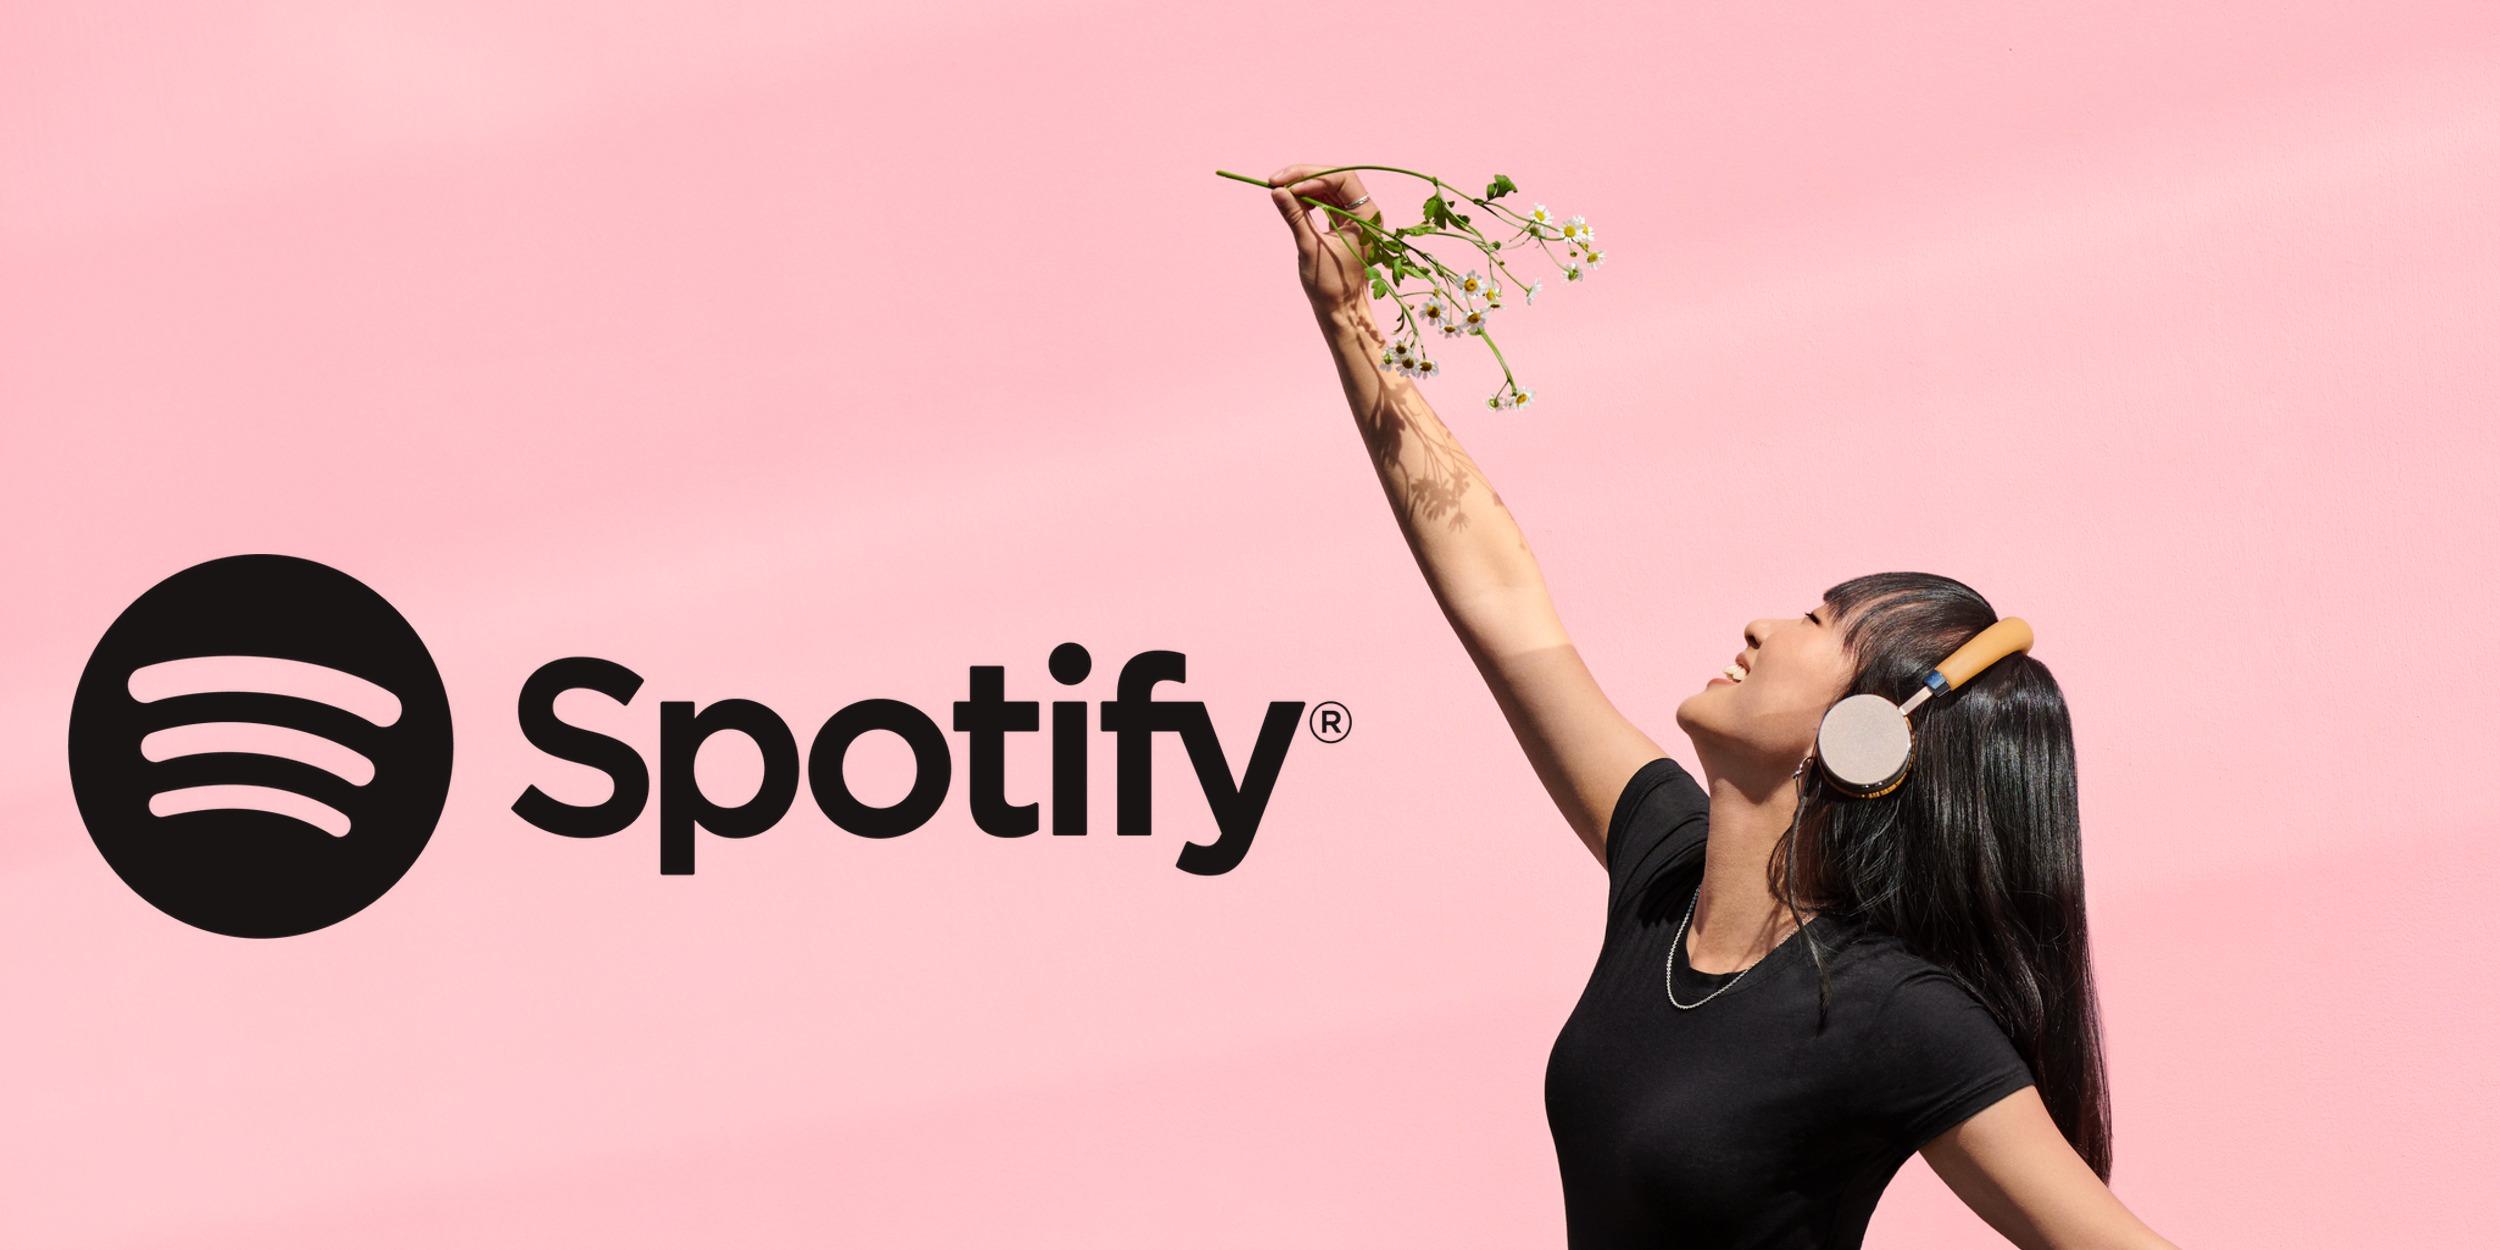 Что такое Spotify и как им пользоваться